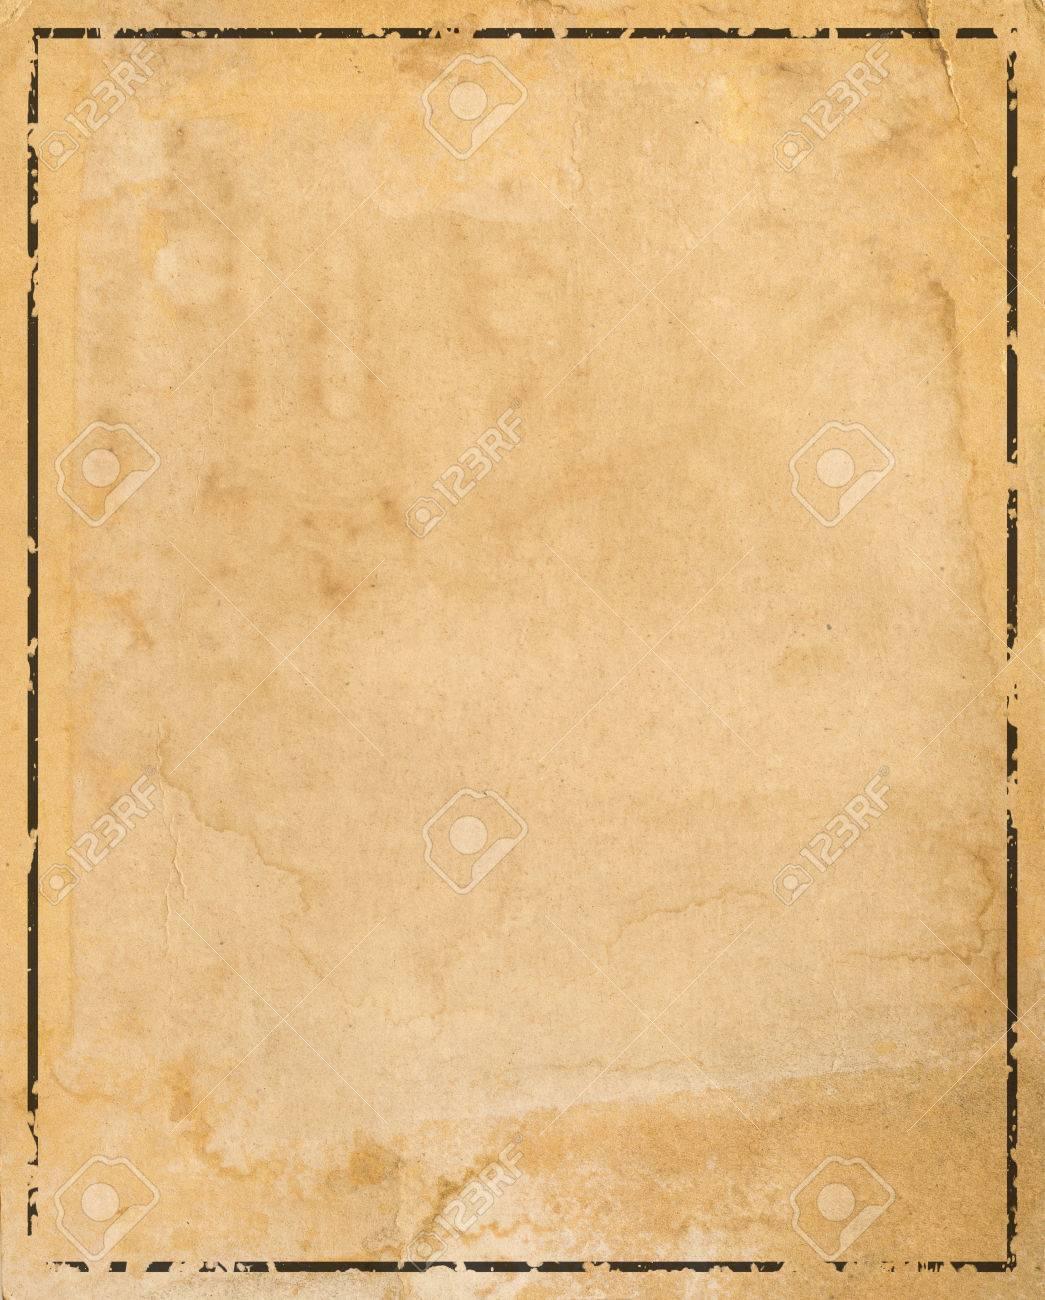 Altes Papier Mit Gemusterten Vintage-Rahmen - Leer Für Ihr Design ...